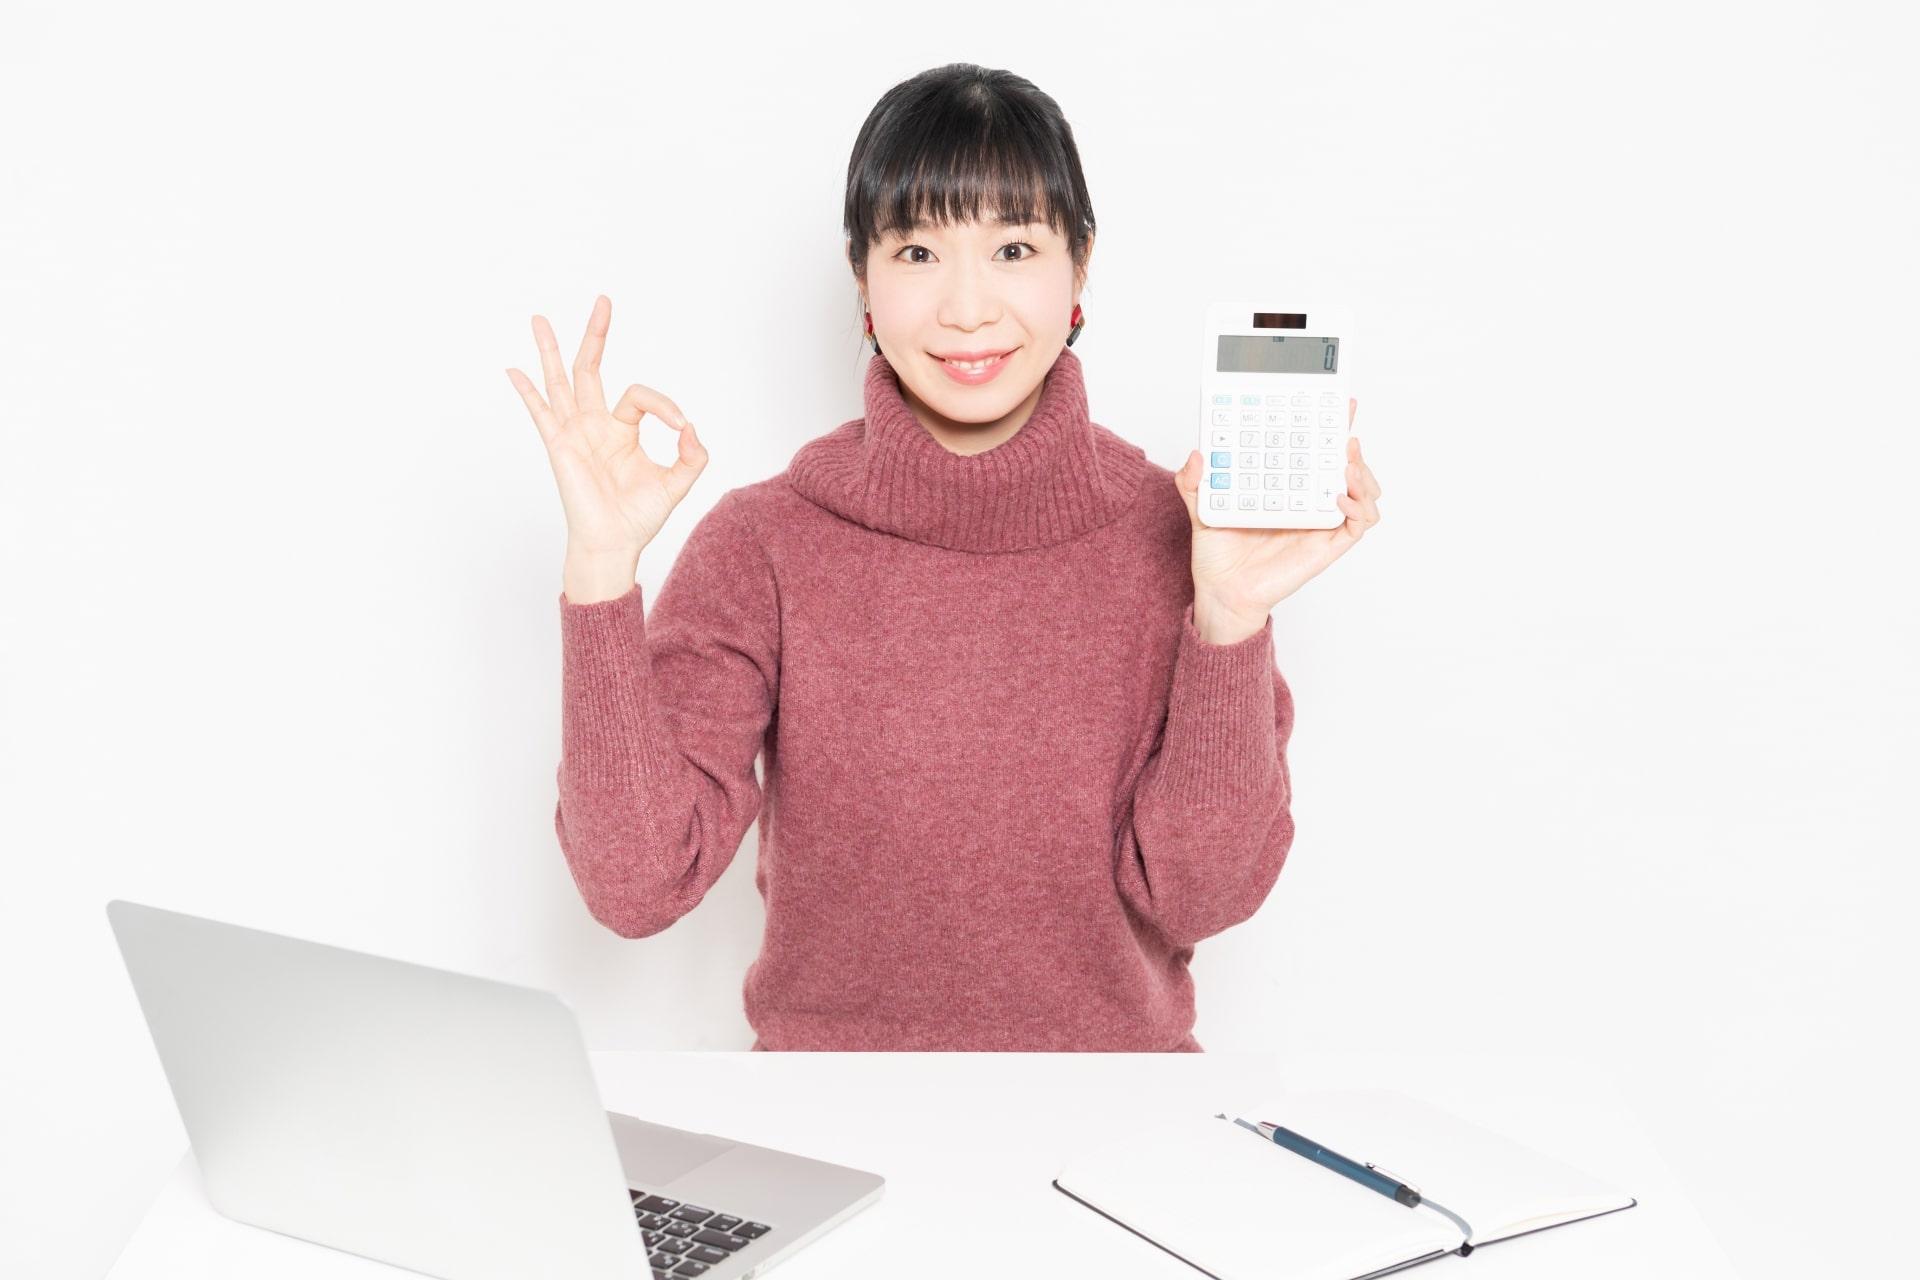 ノートパソコンと電卓を使う女性